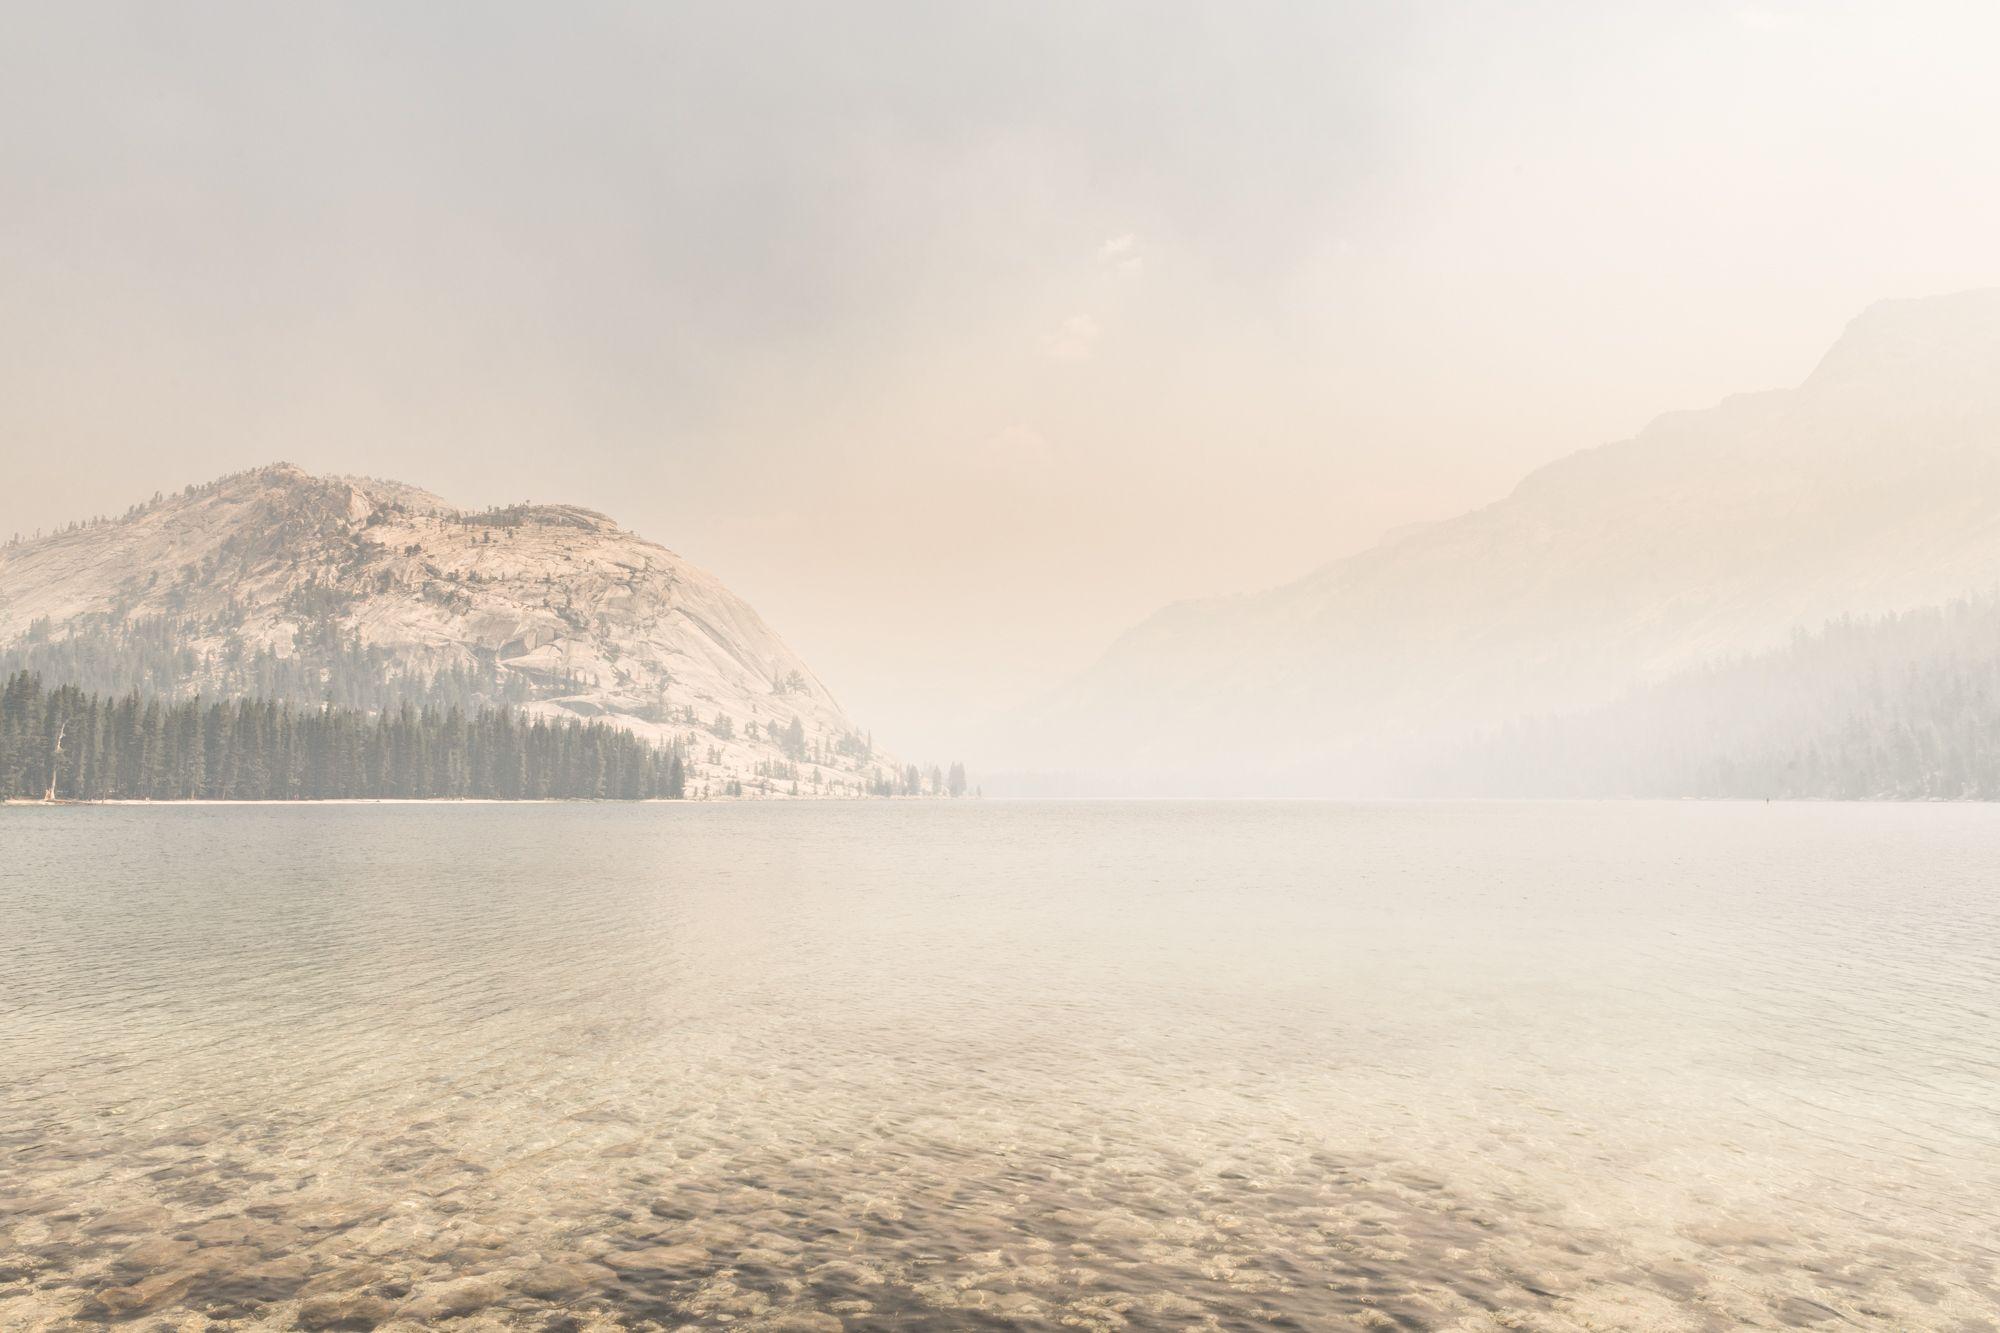 Lake_Tenaya2.jpg